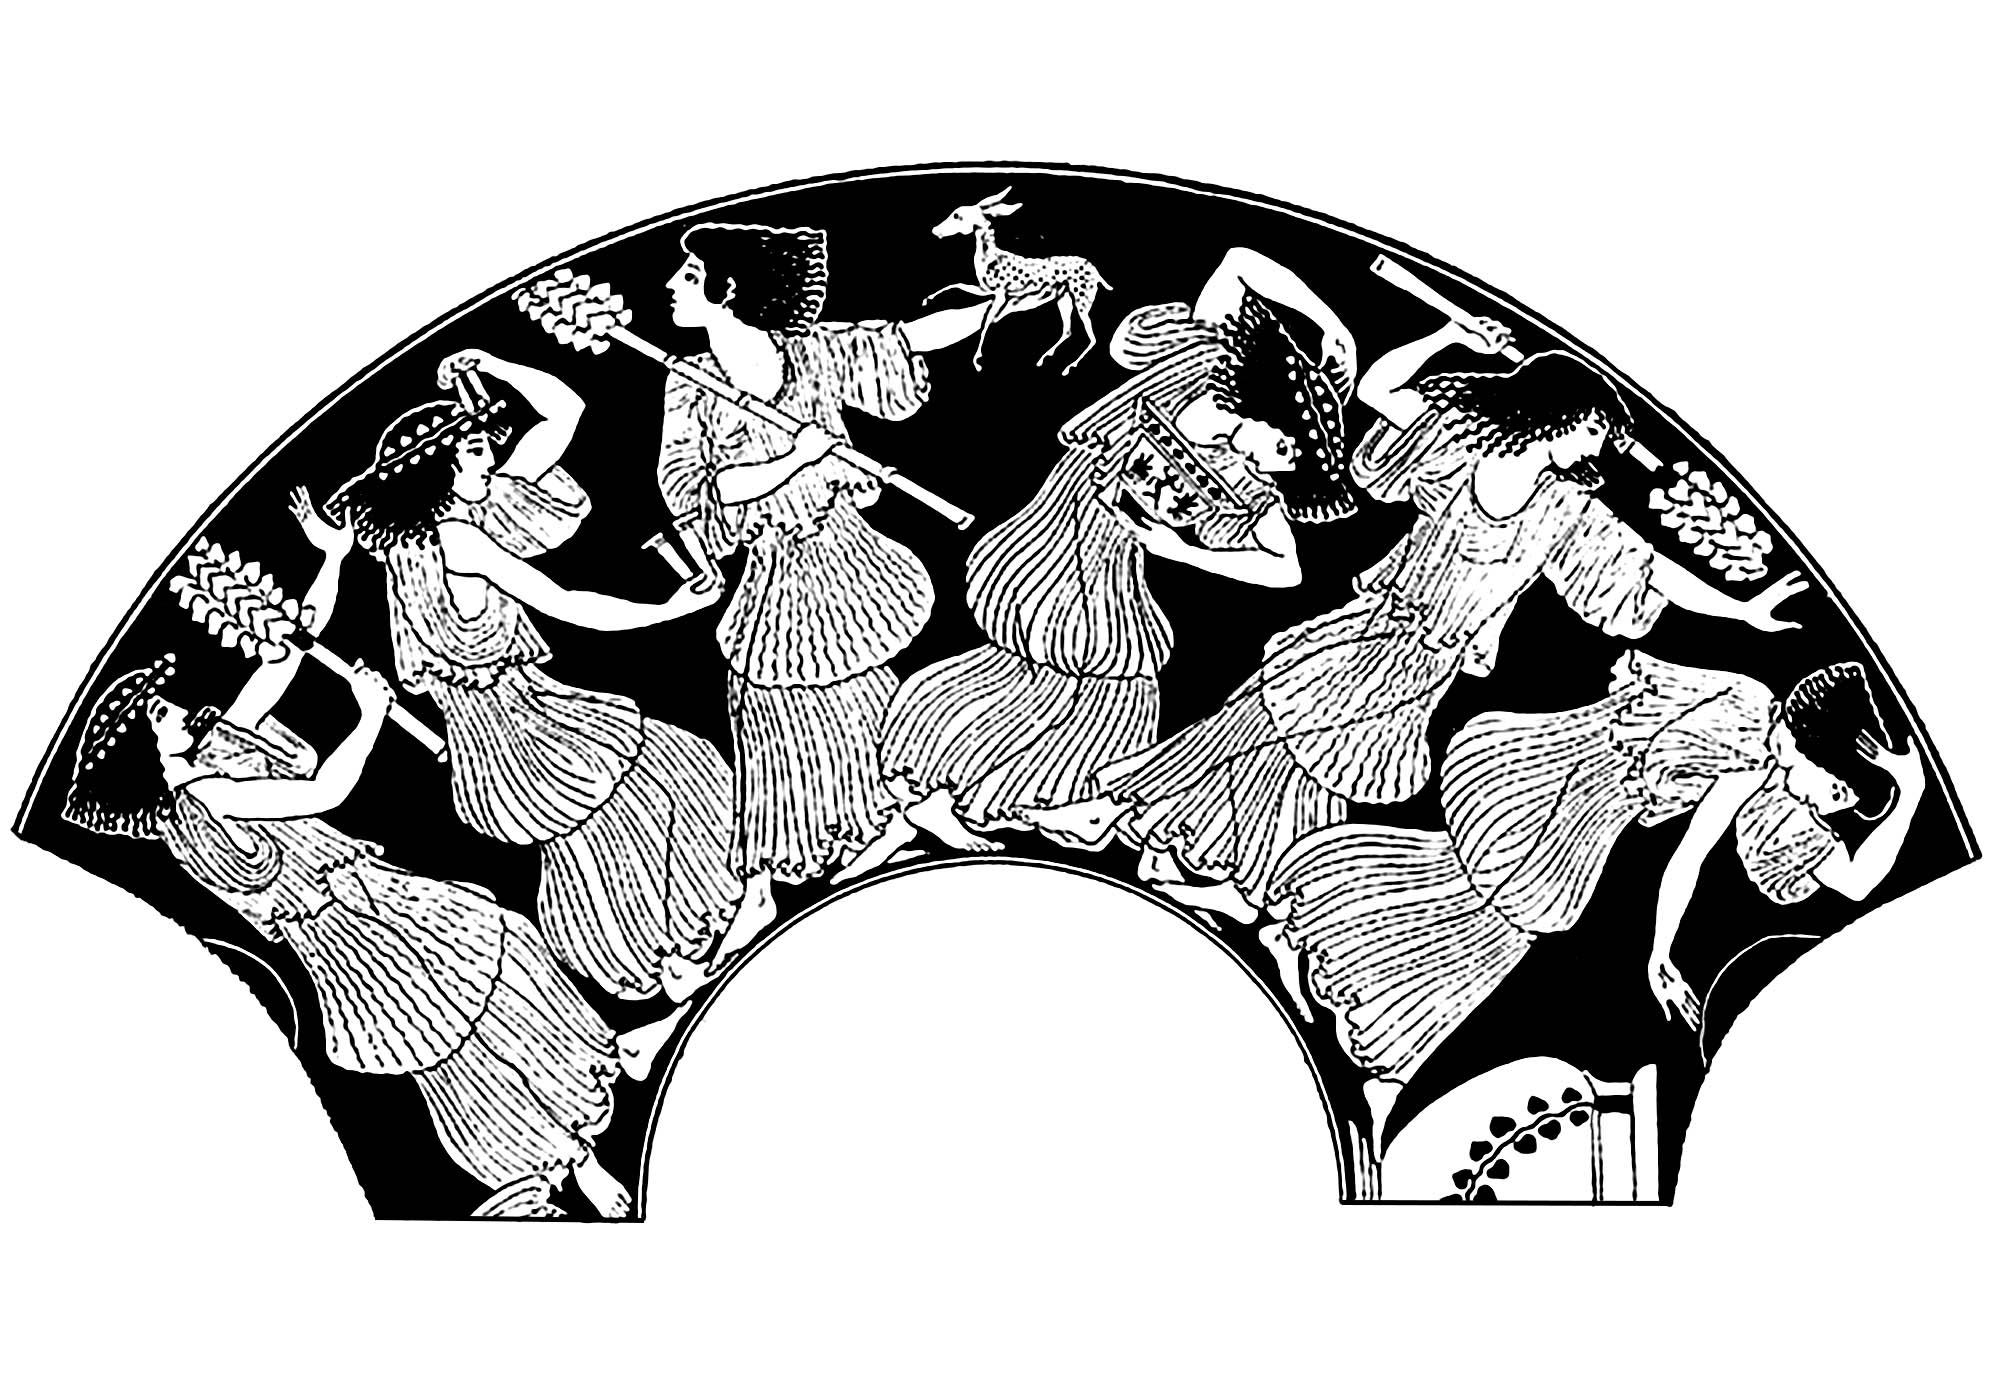 Disegni da colorare per adulti : Grecia Antica - 13